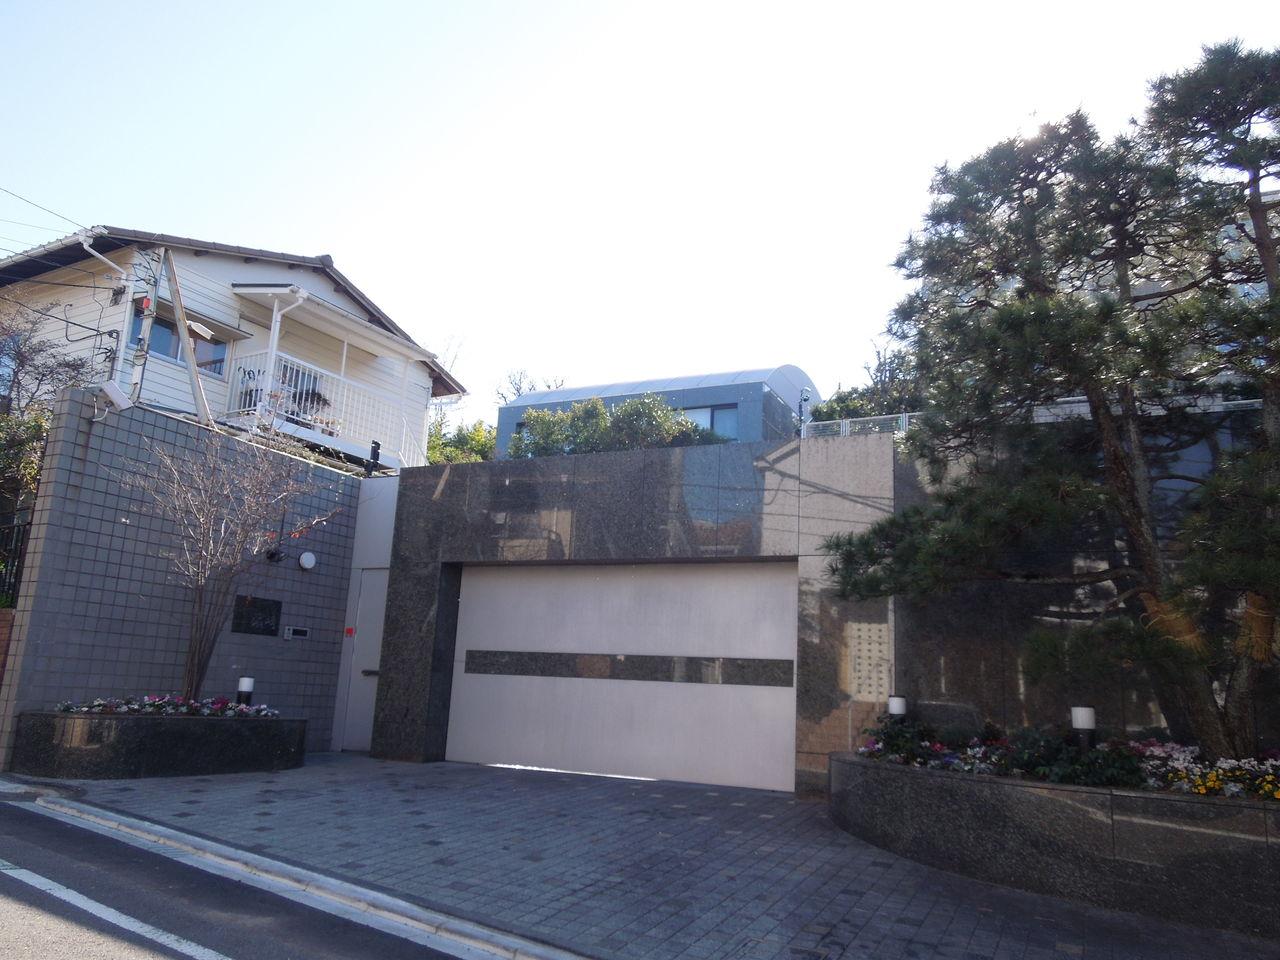 田園調布に引っ越した浜崎あゆみの豪邸  東京都内の豪邸探索ブログ